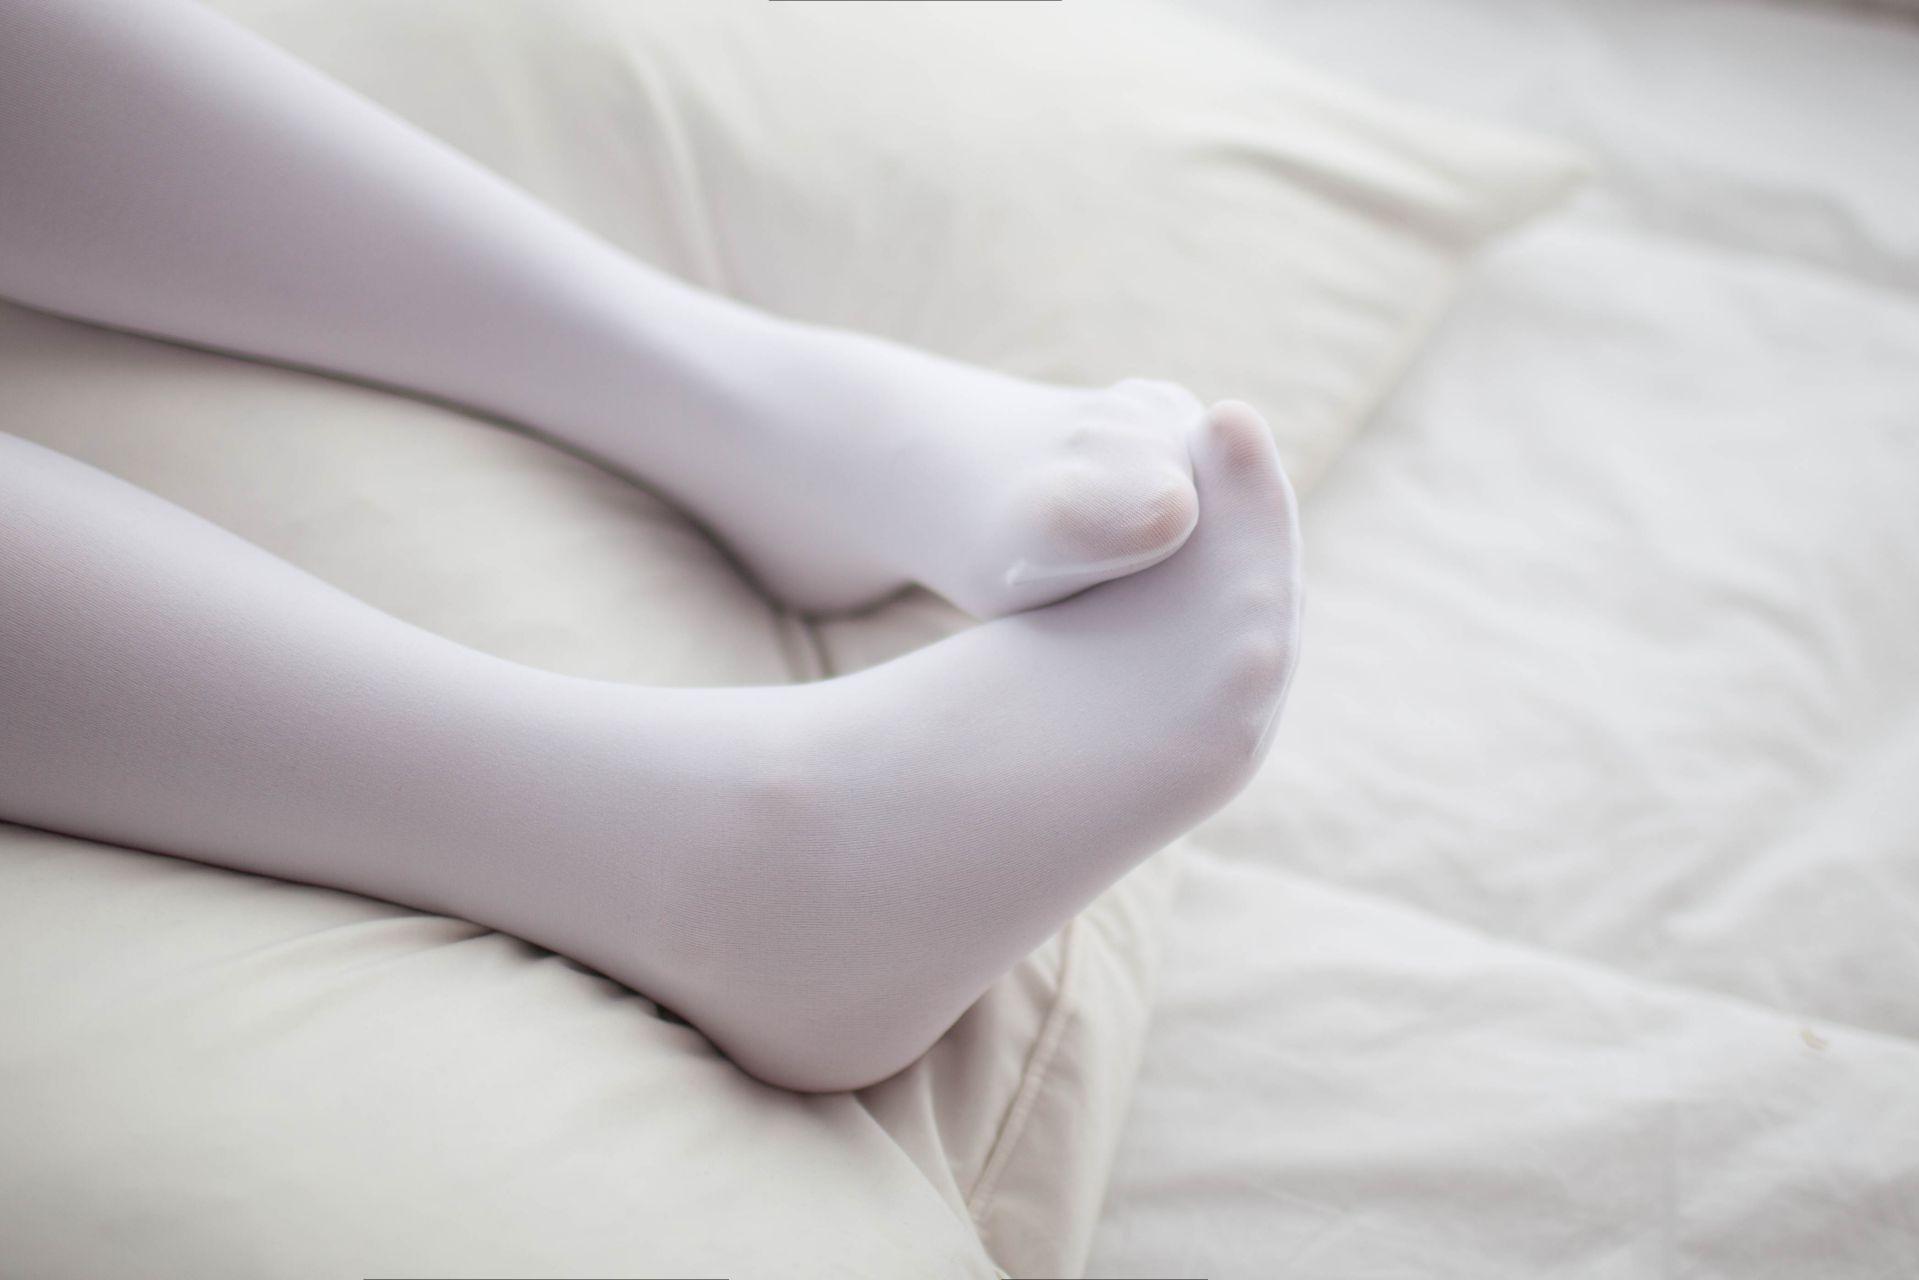 少女秩序 VOL.007 格子短裙的诱惑 兔玩映画 第23张